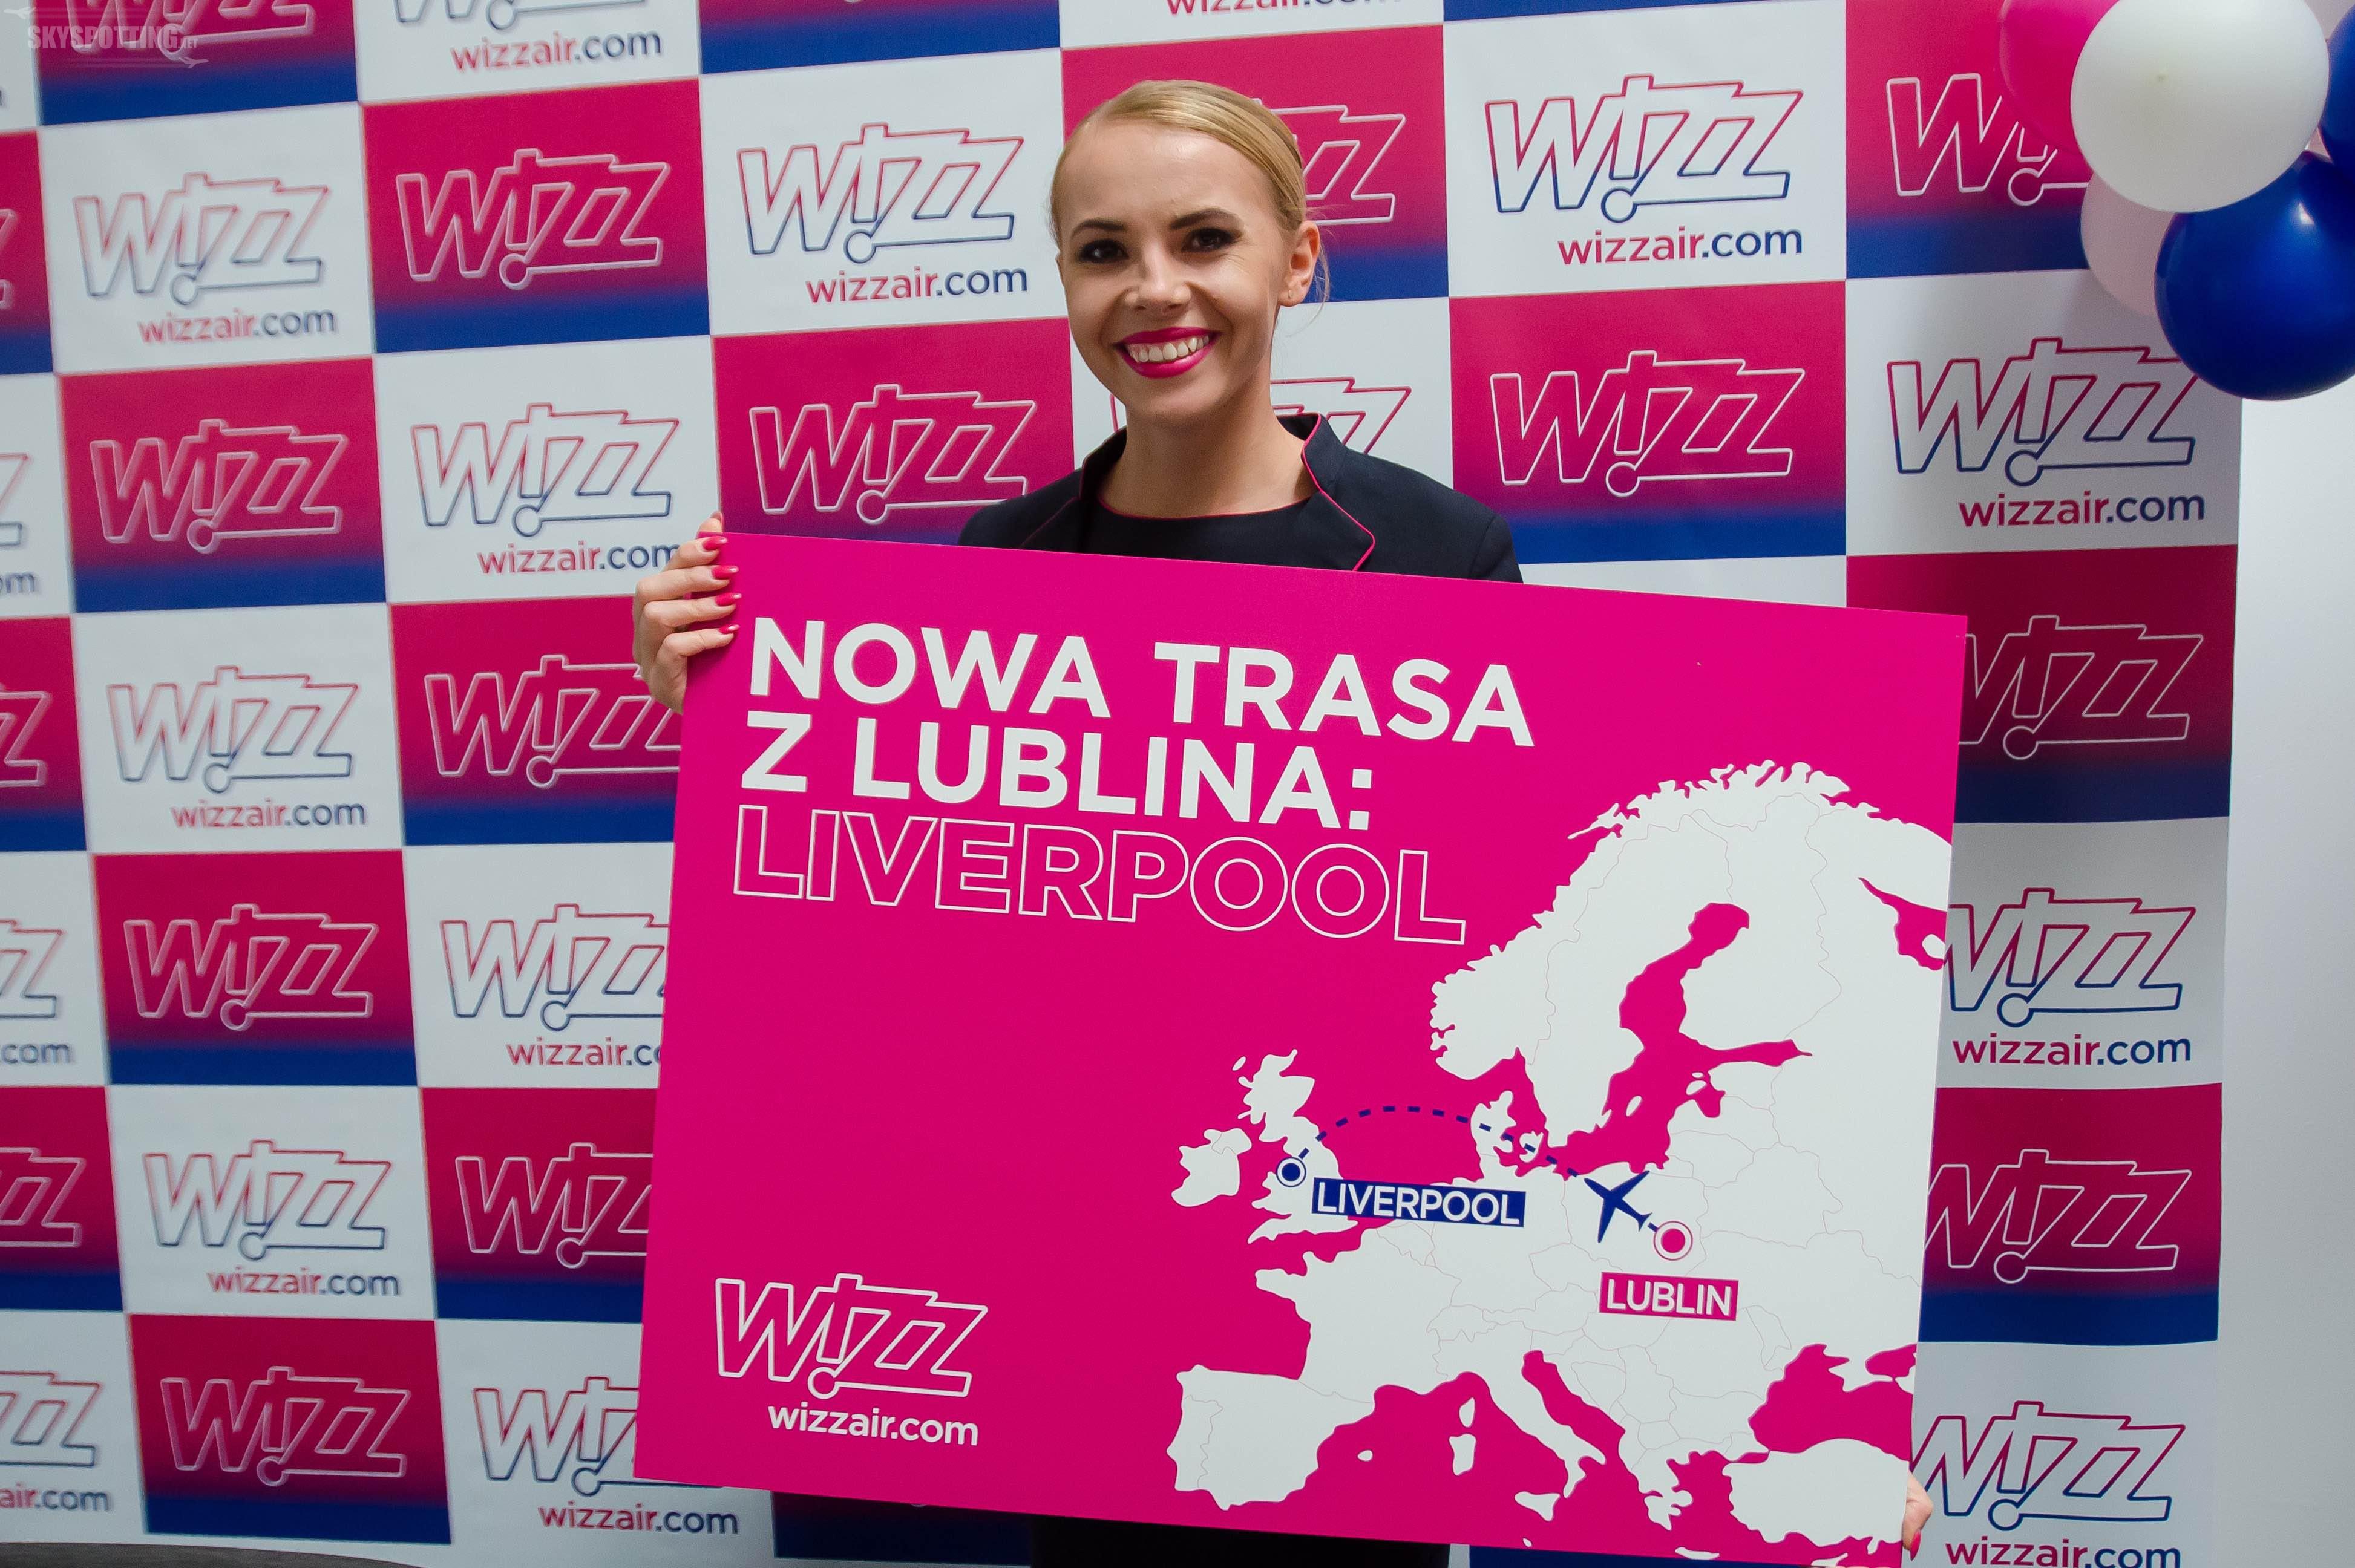 Wizz świętuje rocznicę bazy w Lublinie i ogłasza nowe połączenie do Liverpoolu